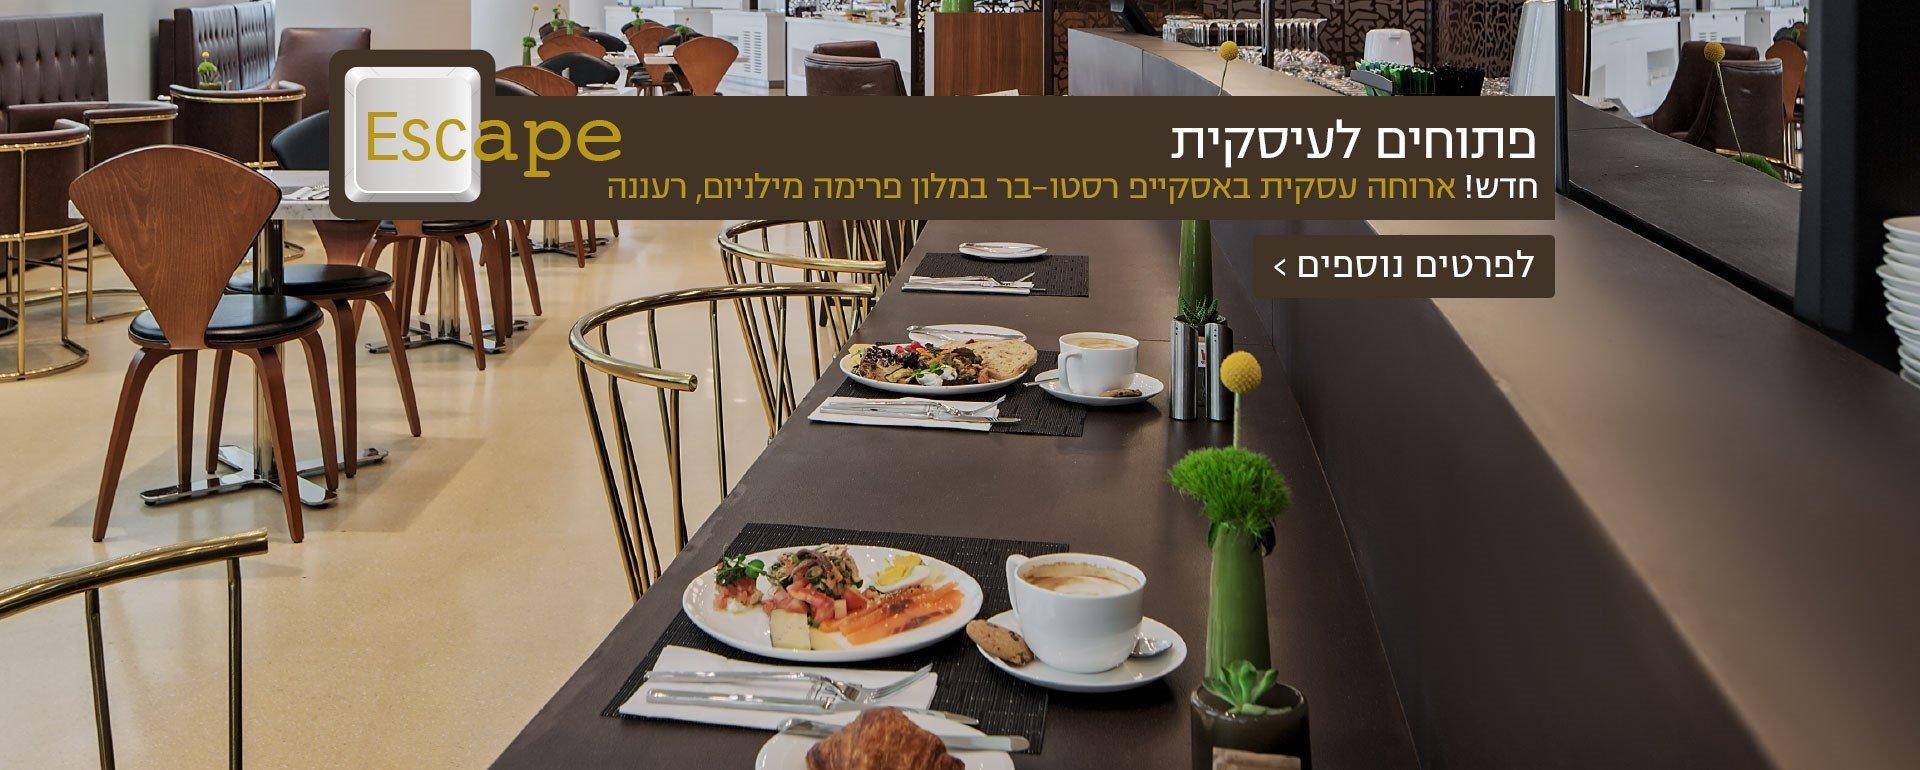 מסעדת אסקייפ רסטו - בר